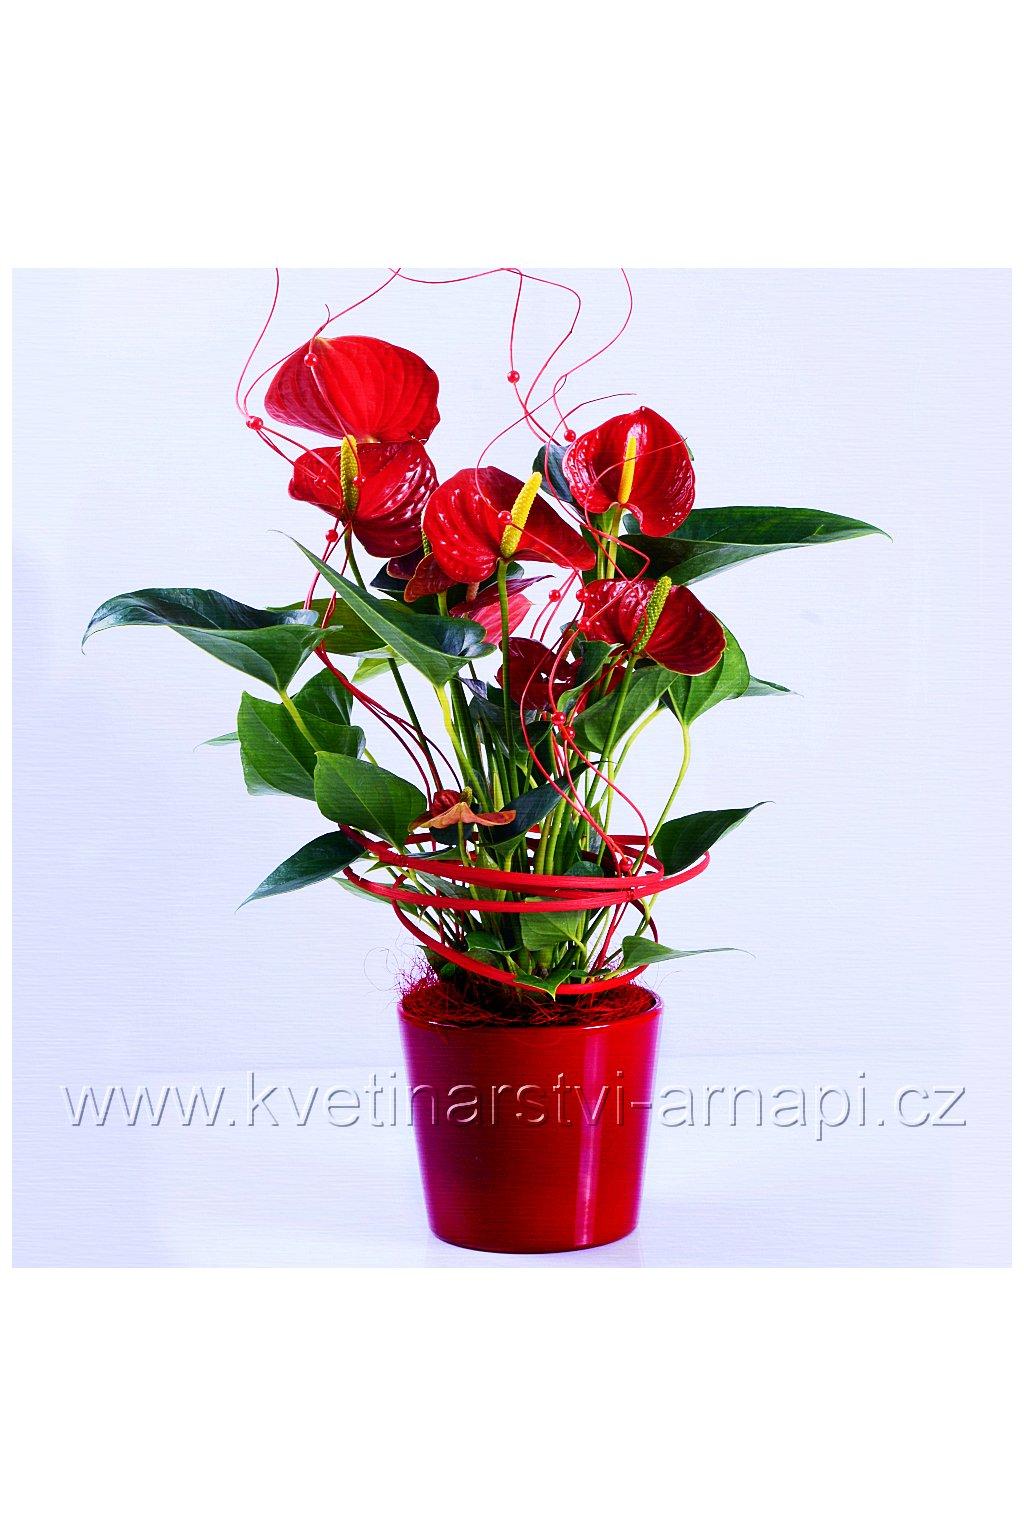 kvetiny hrnkove kvetinarstvi arnapi online